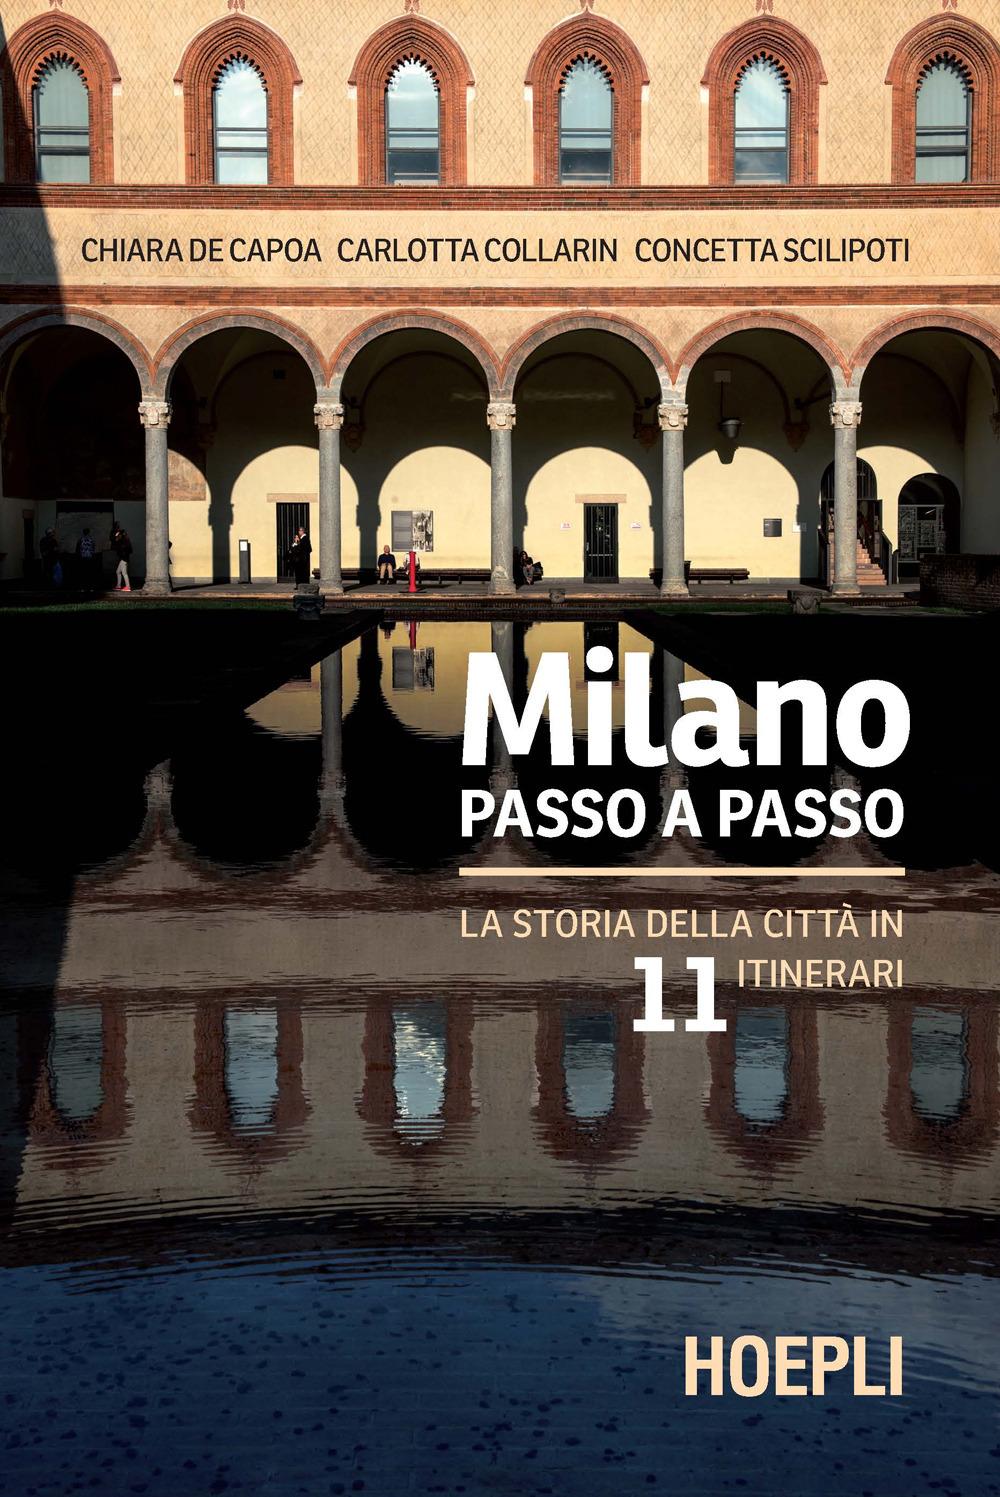 Milano passo a passo. La storia della città in 11 itinerari